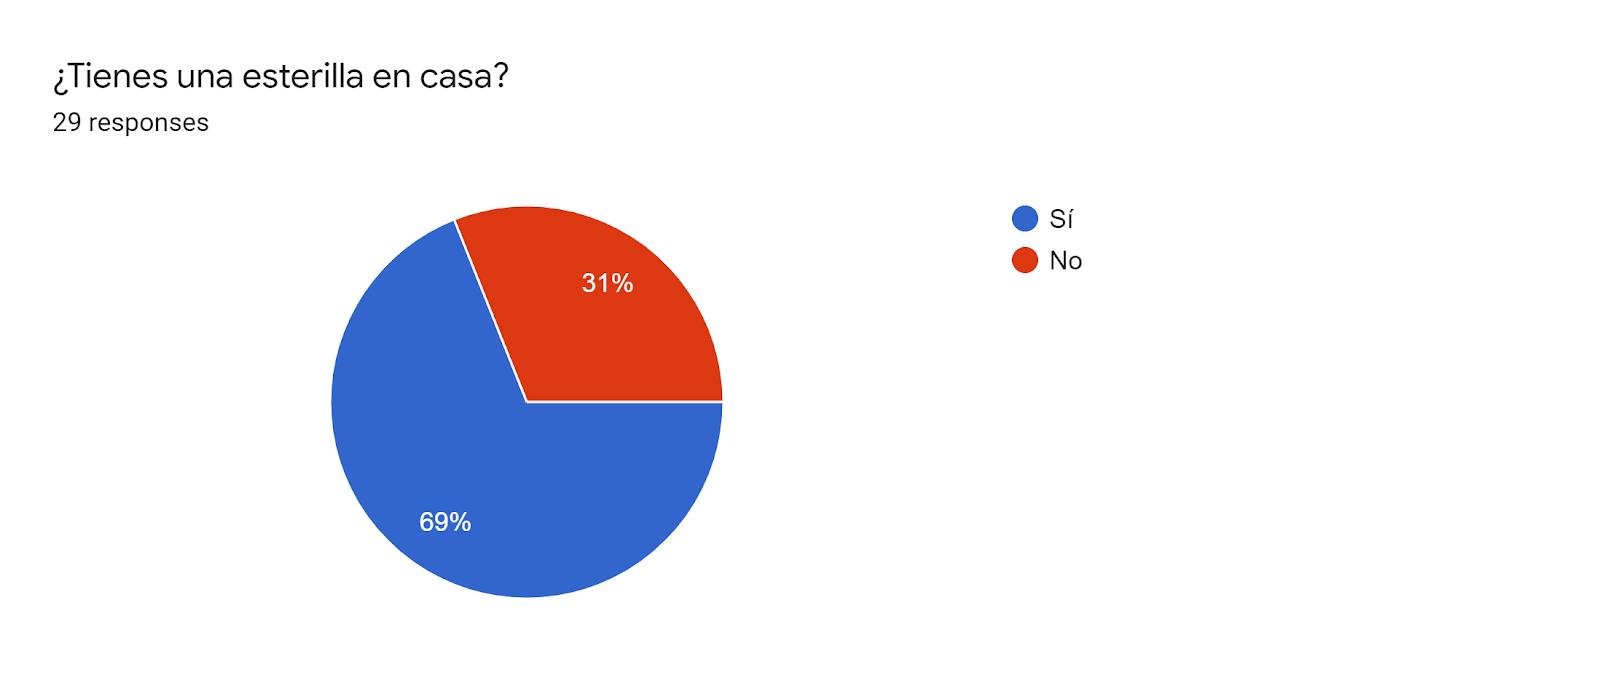 Forms response chart. Question title: ¿Tienes una esterilla en casa?. Number of responses: 29 responses.